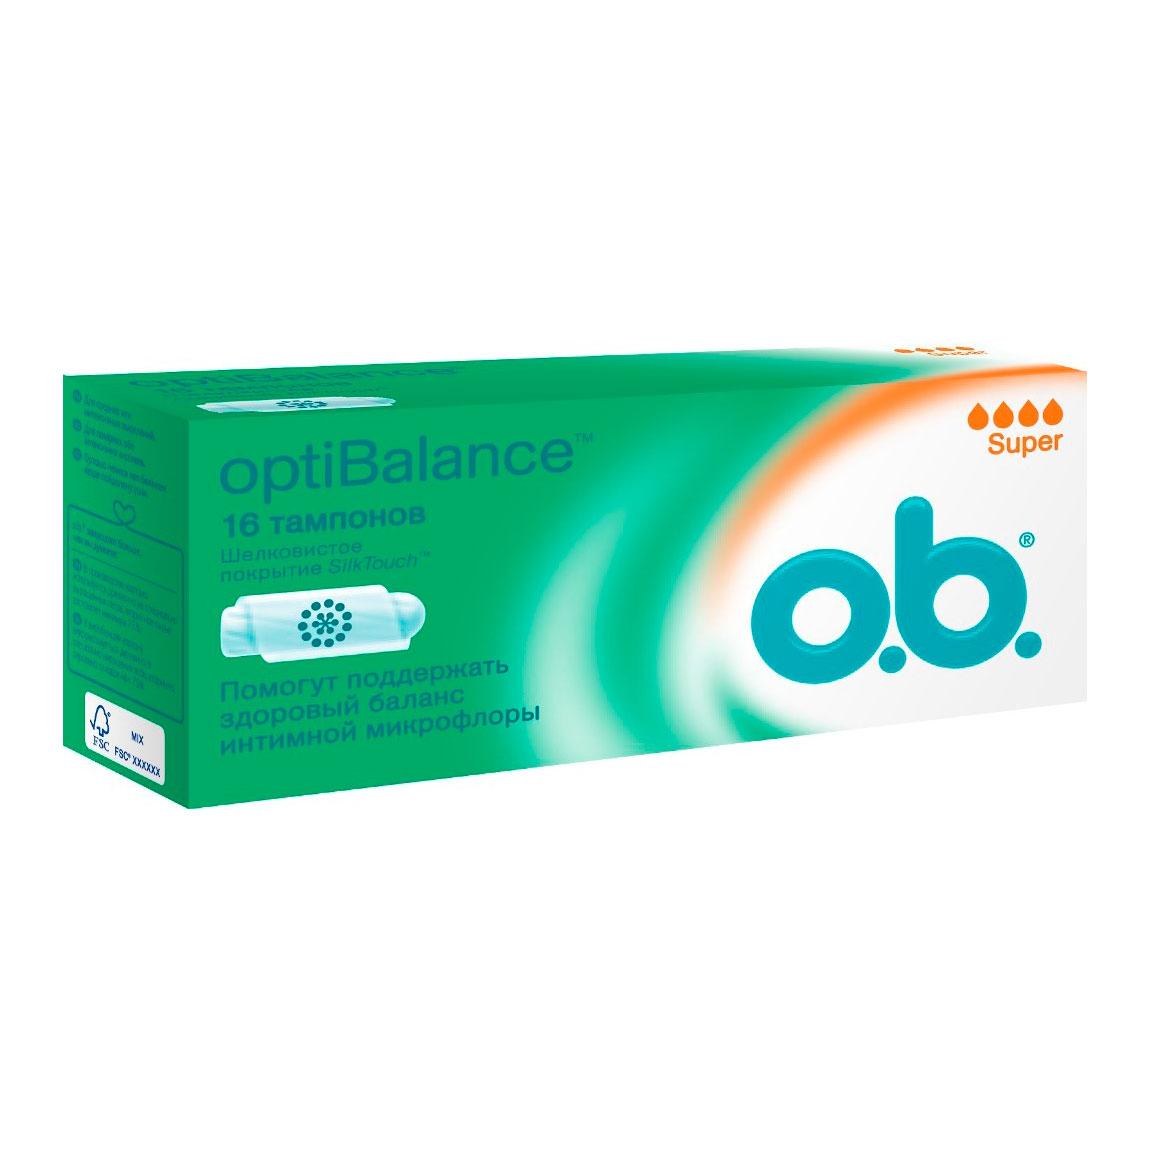 ������� o.b. optiBalance ����� 16 ��